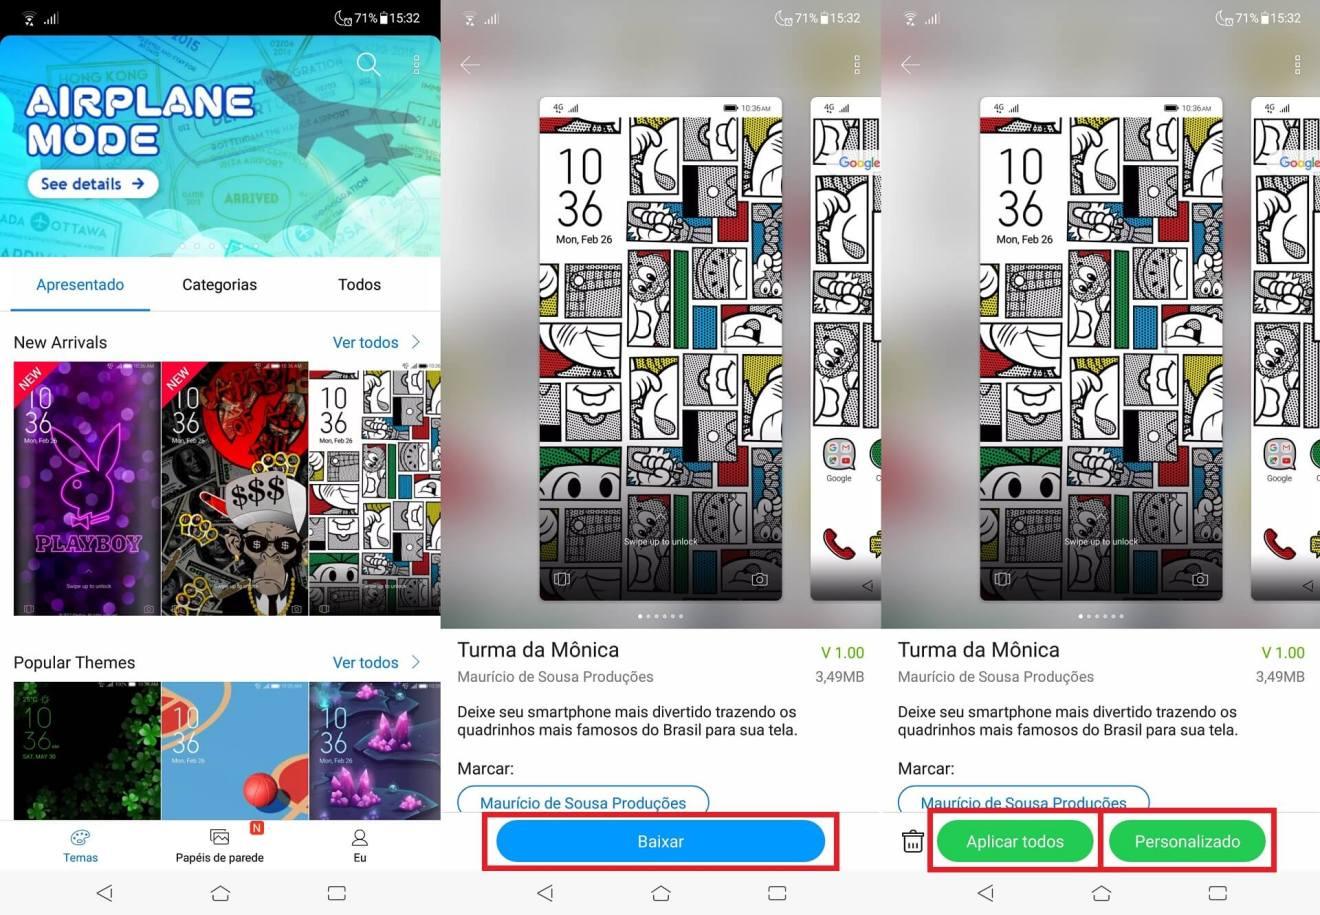 IMG 3 2 - Descubra 23 dicas e truques para os Asus Zenfone 5 e Zenfone 5Z